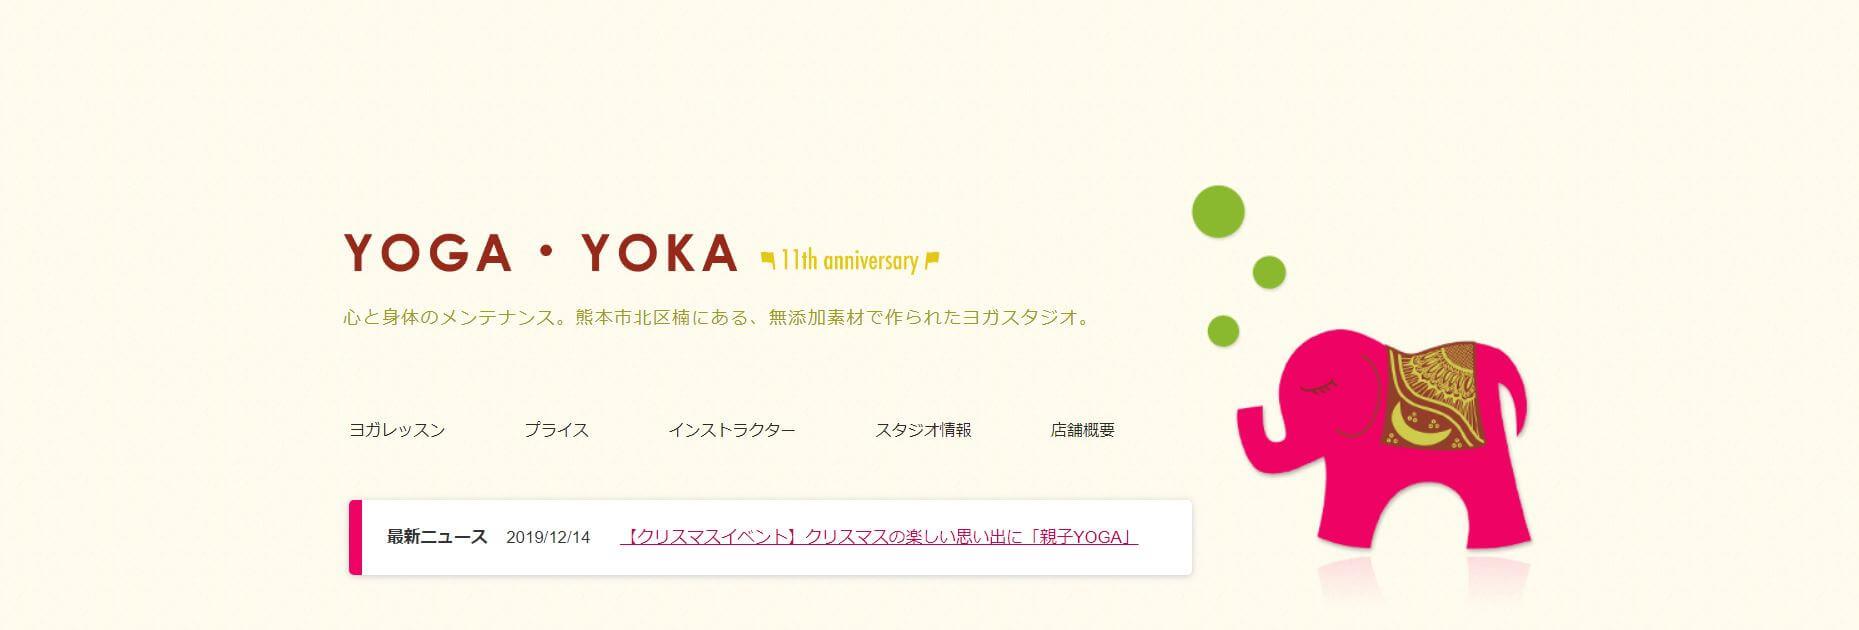 YOGA・YOKA